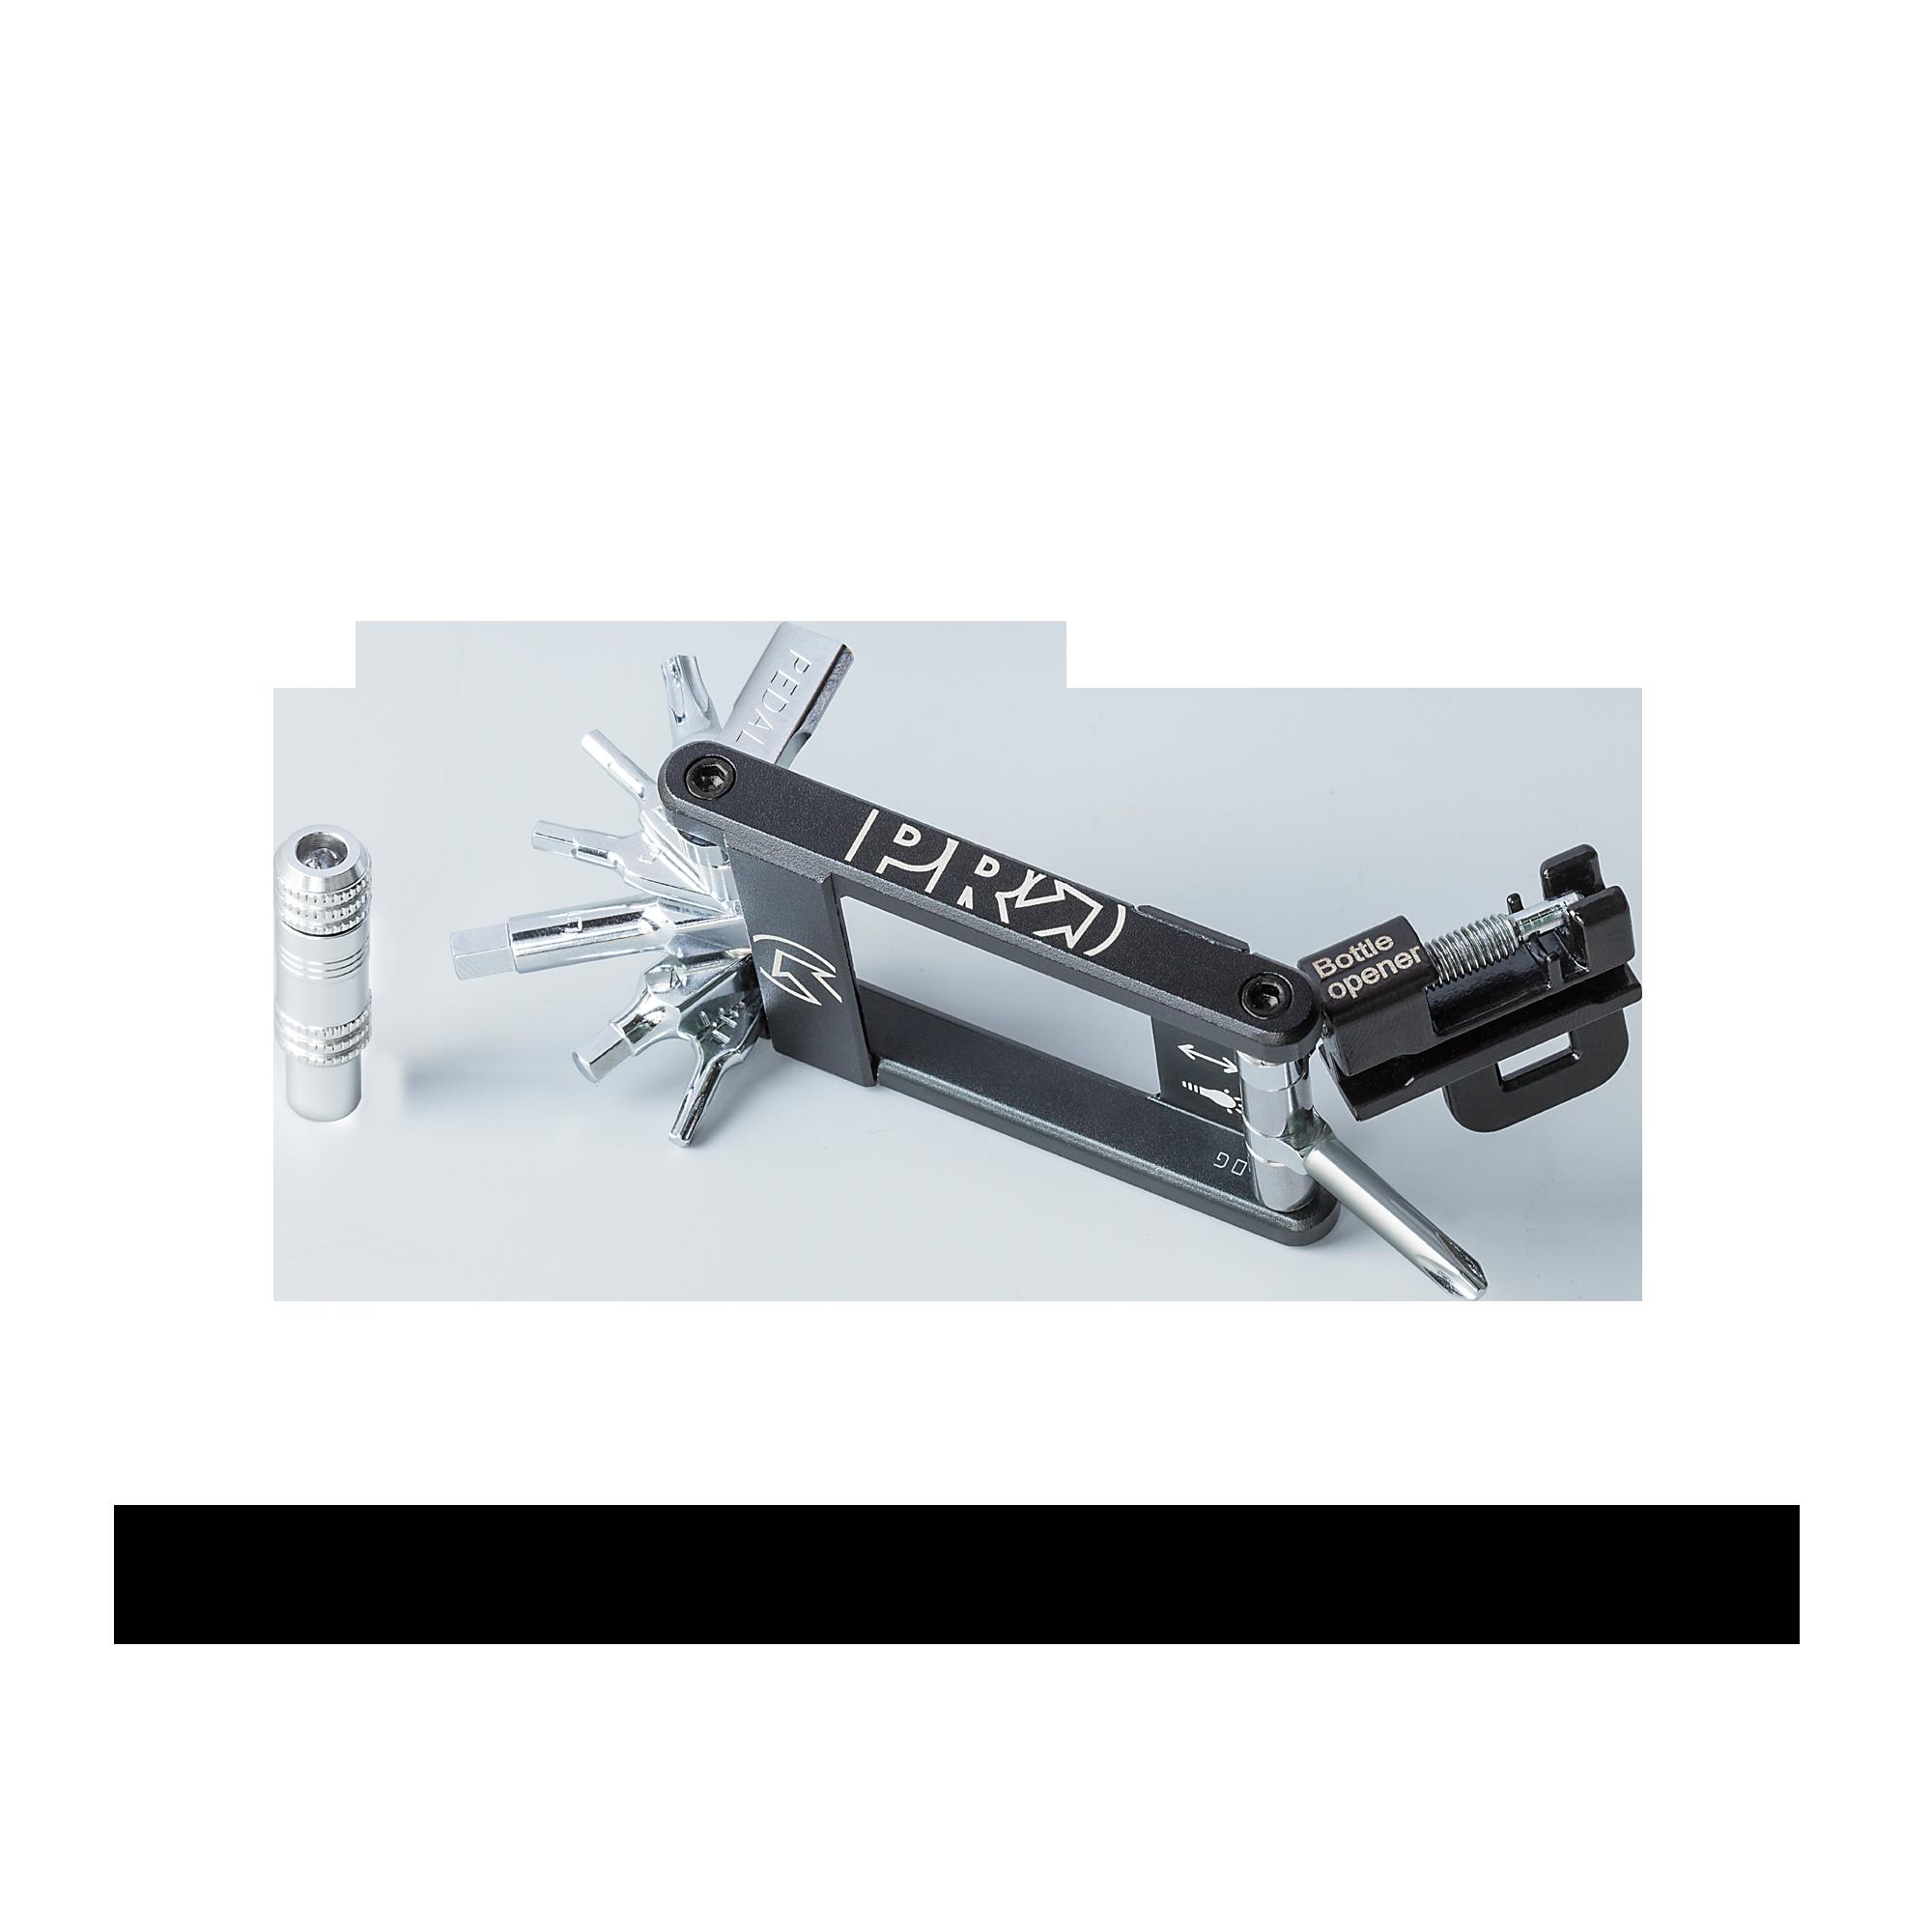 PRO mini nářadí 14 funkcí, LED dioda